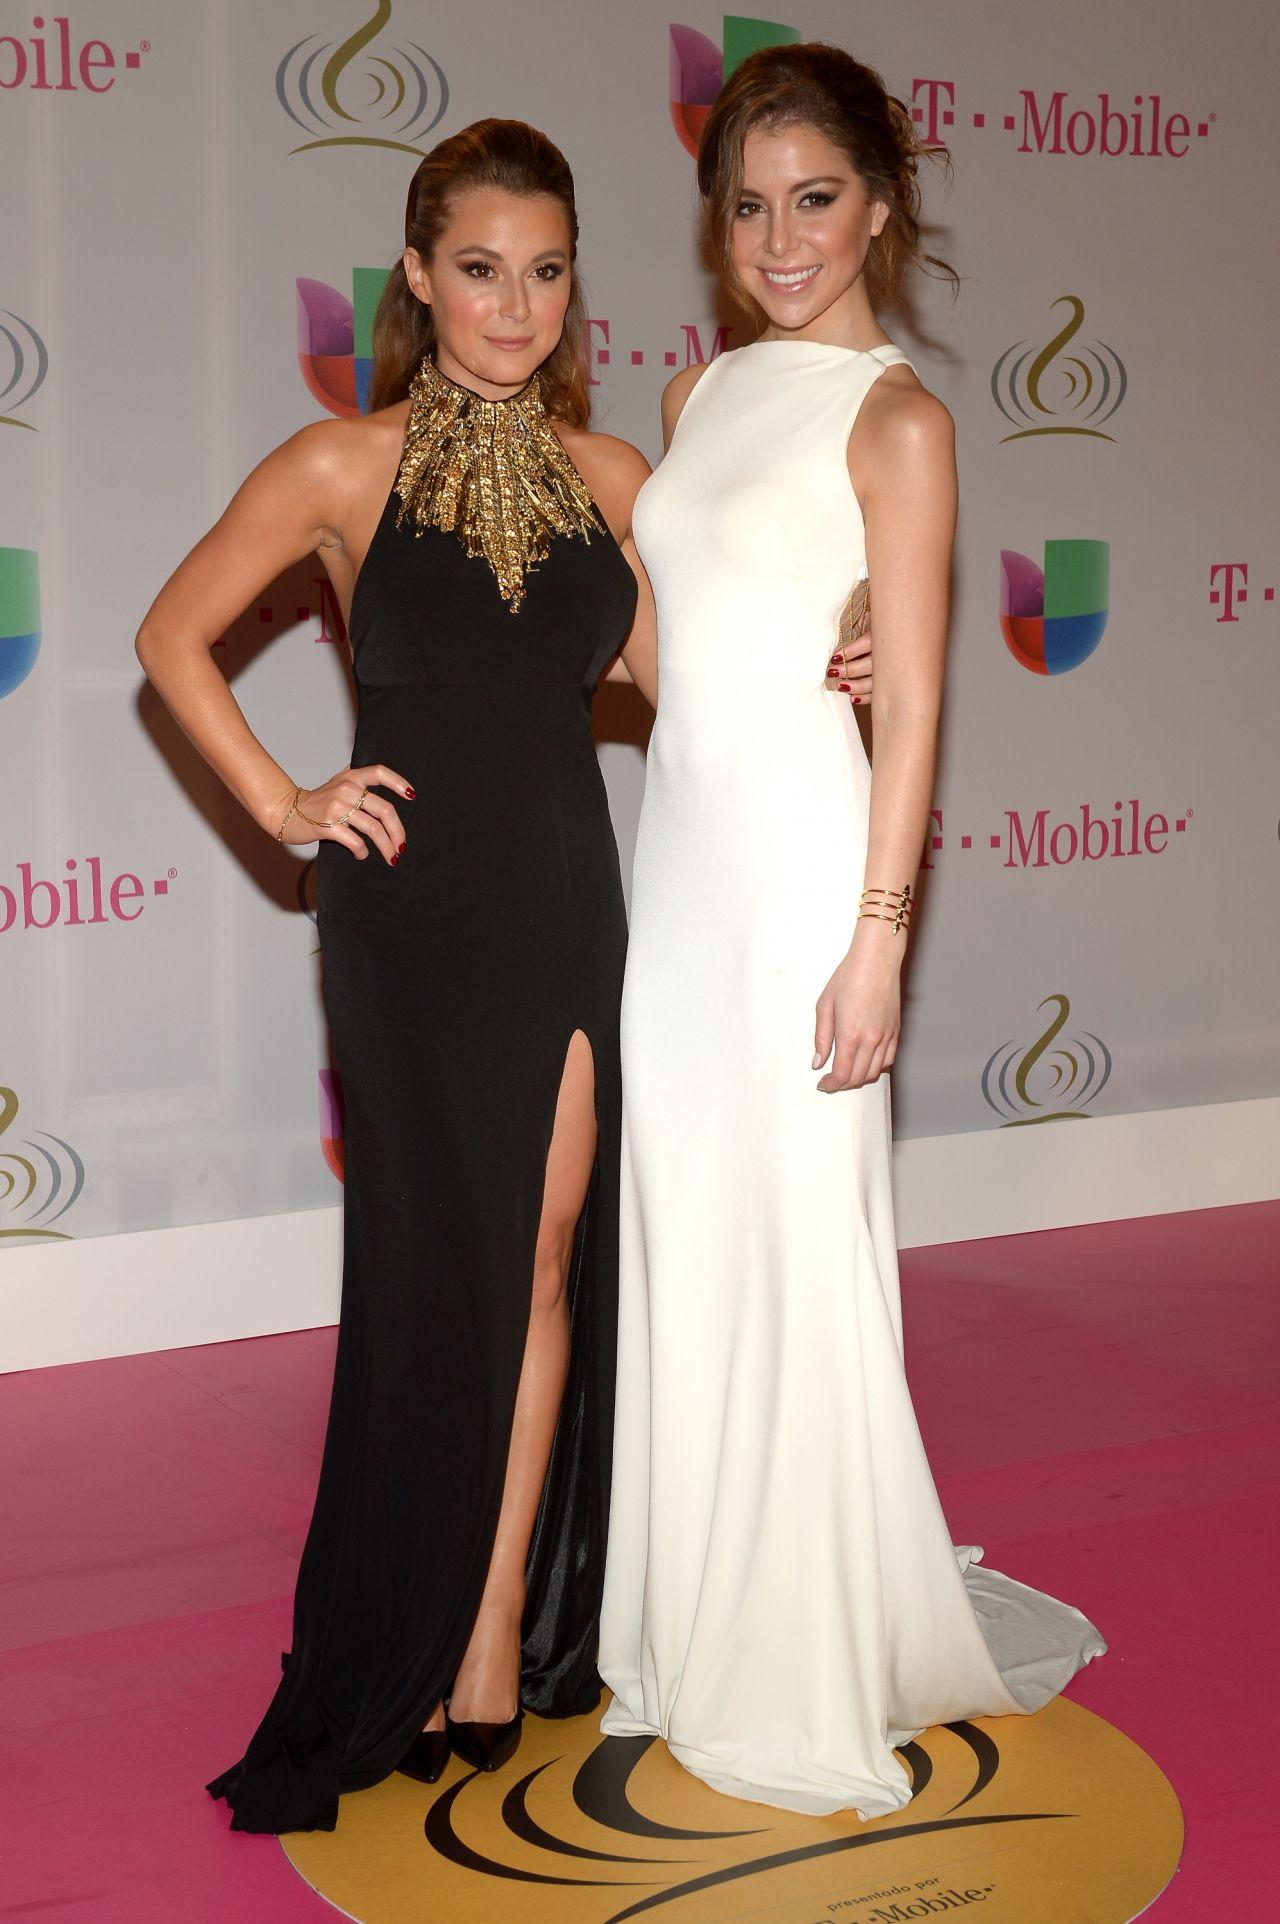 Alexa Vega - Premio Lo Nuestro Awards in Miami - February 2014